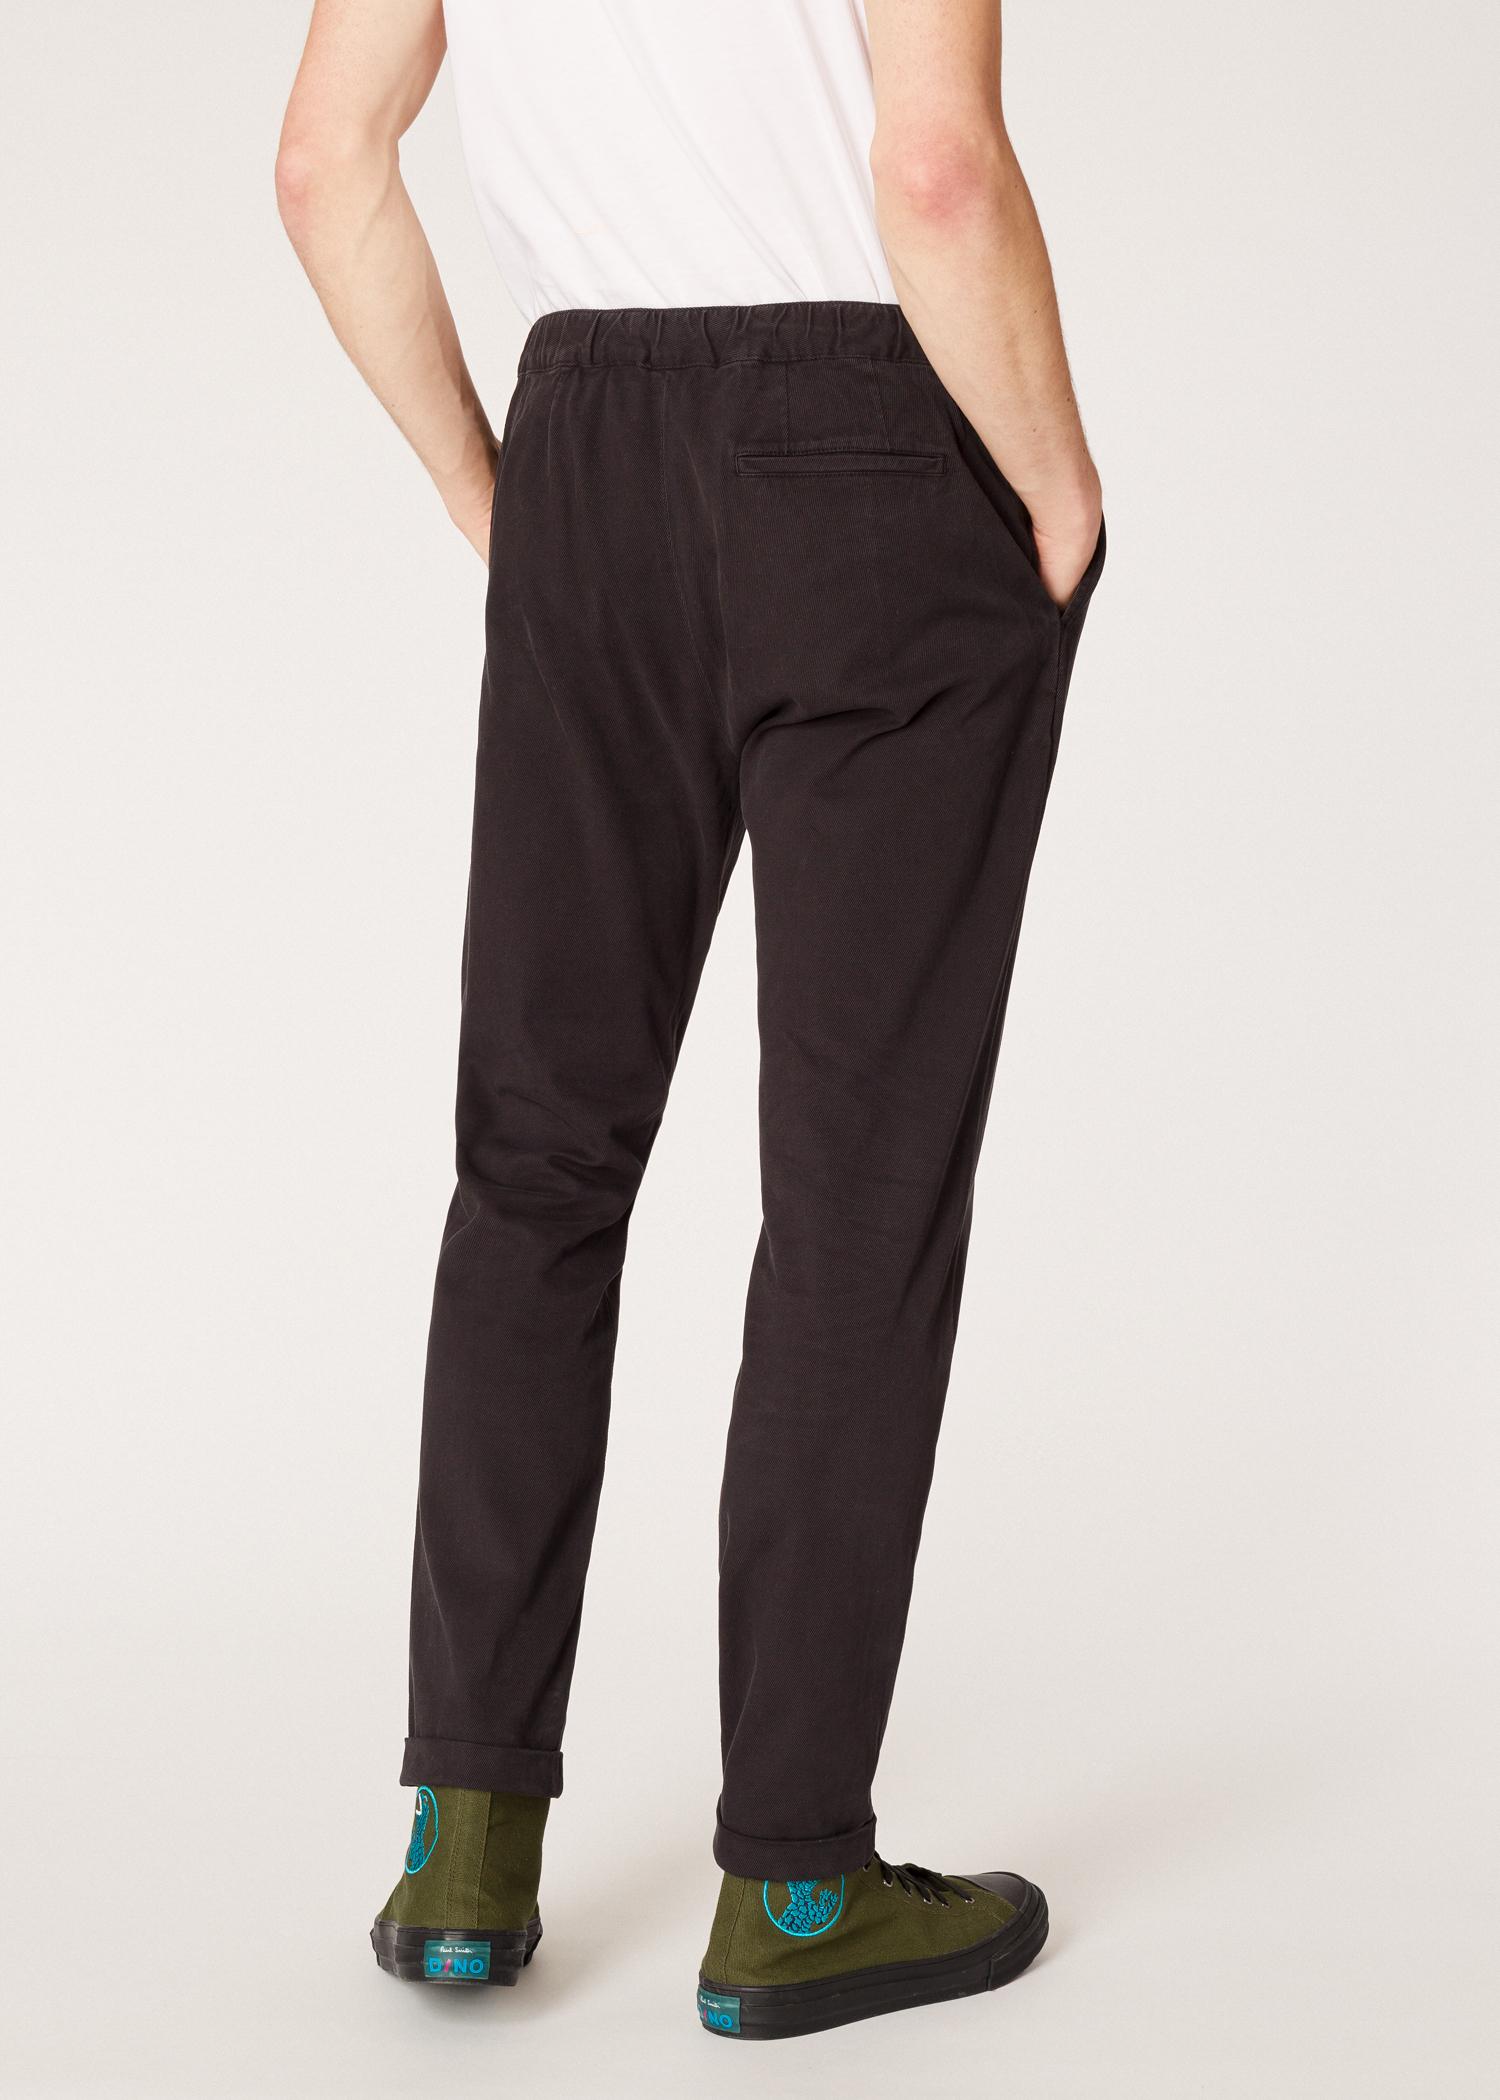 053e530a30b4 Vue mannequin dos zoom - Pantalon Homme Gris Anthracite En Coton Stretch  Avec Ceinture Élastiquée Paul